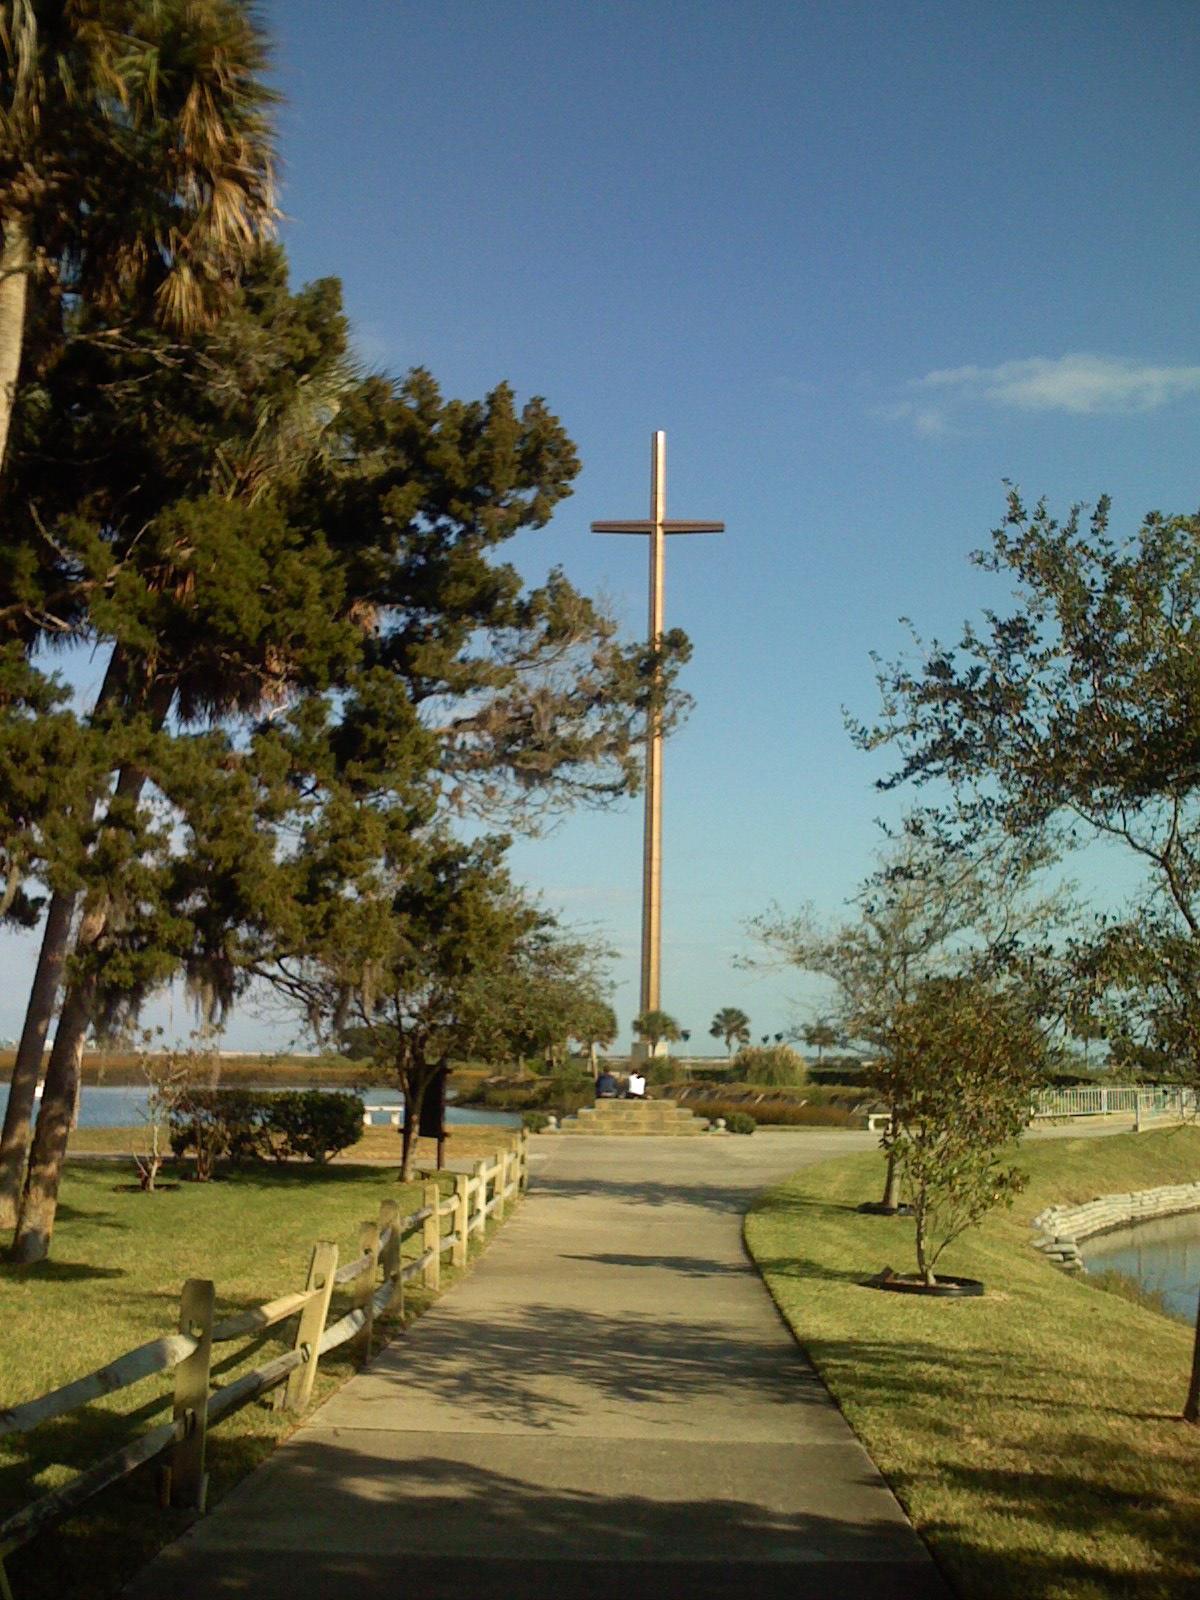 the great cross / mission of nombre de dios / st. augustine, fl